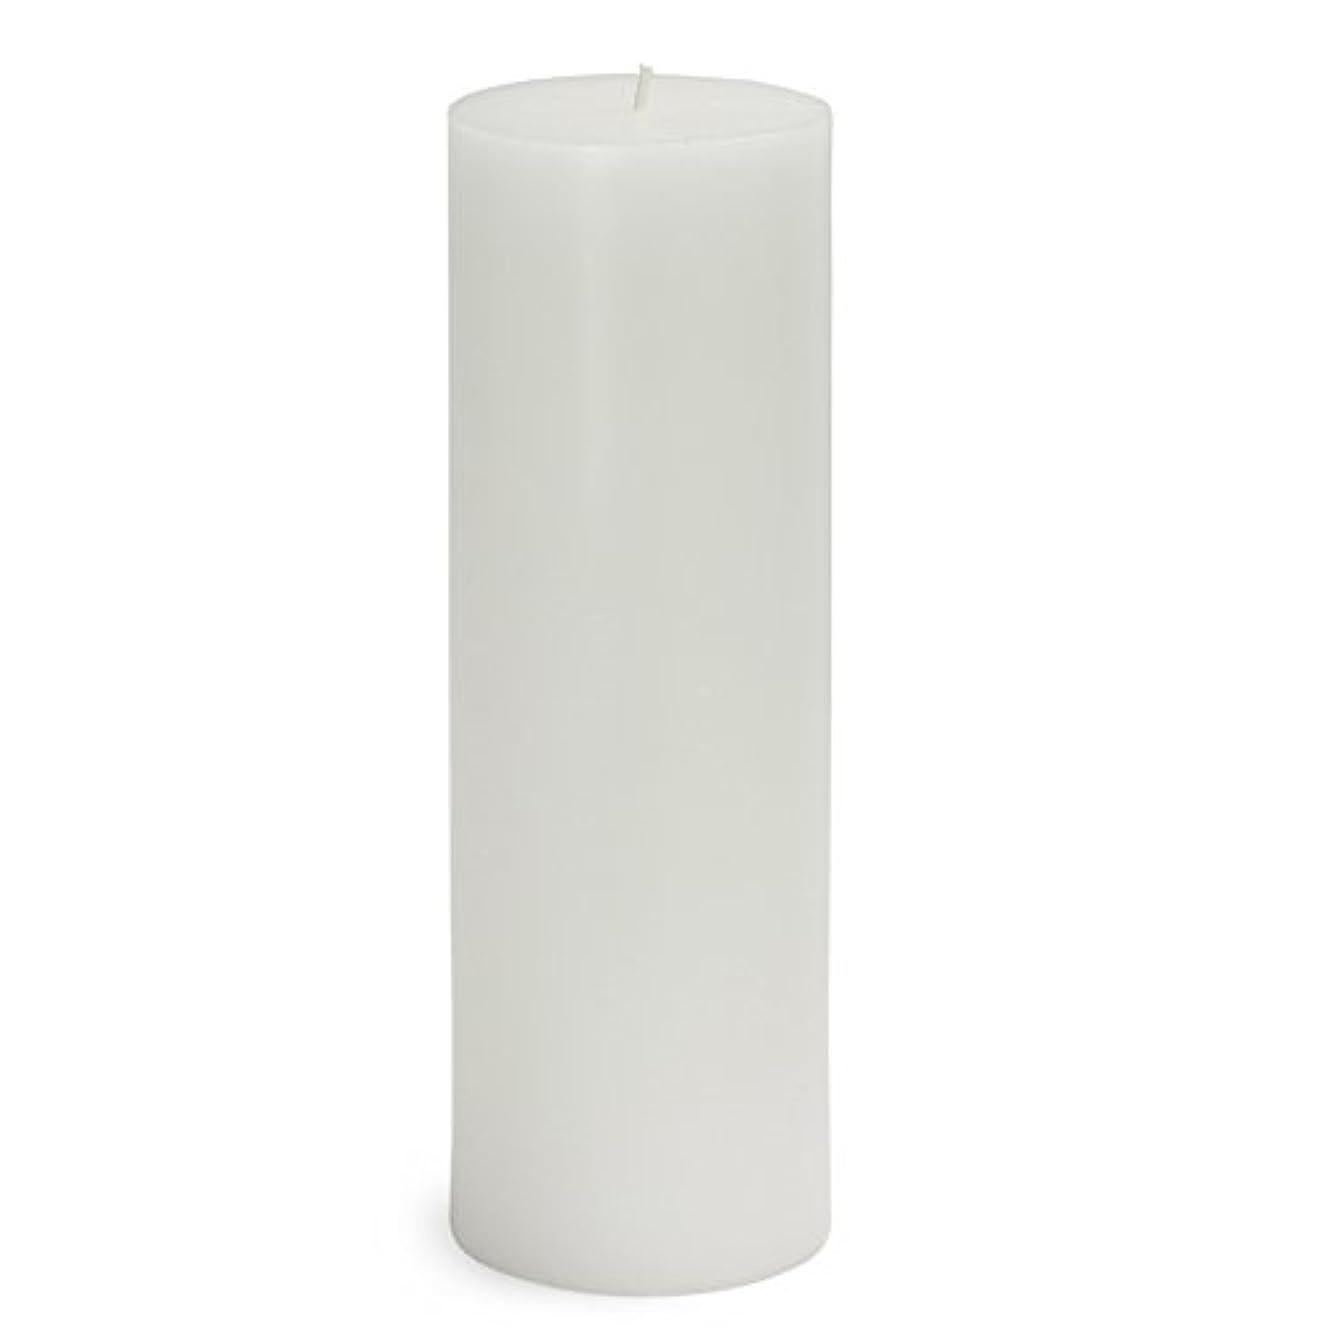 恒久的競争力のあるぬいぐるみZest Candle CPZ-093-12 3 x 9 in. White Pillar Candles -12pcs-Case - Bulk